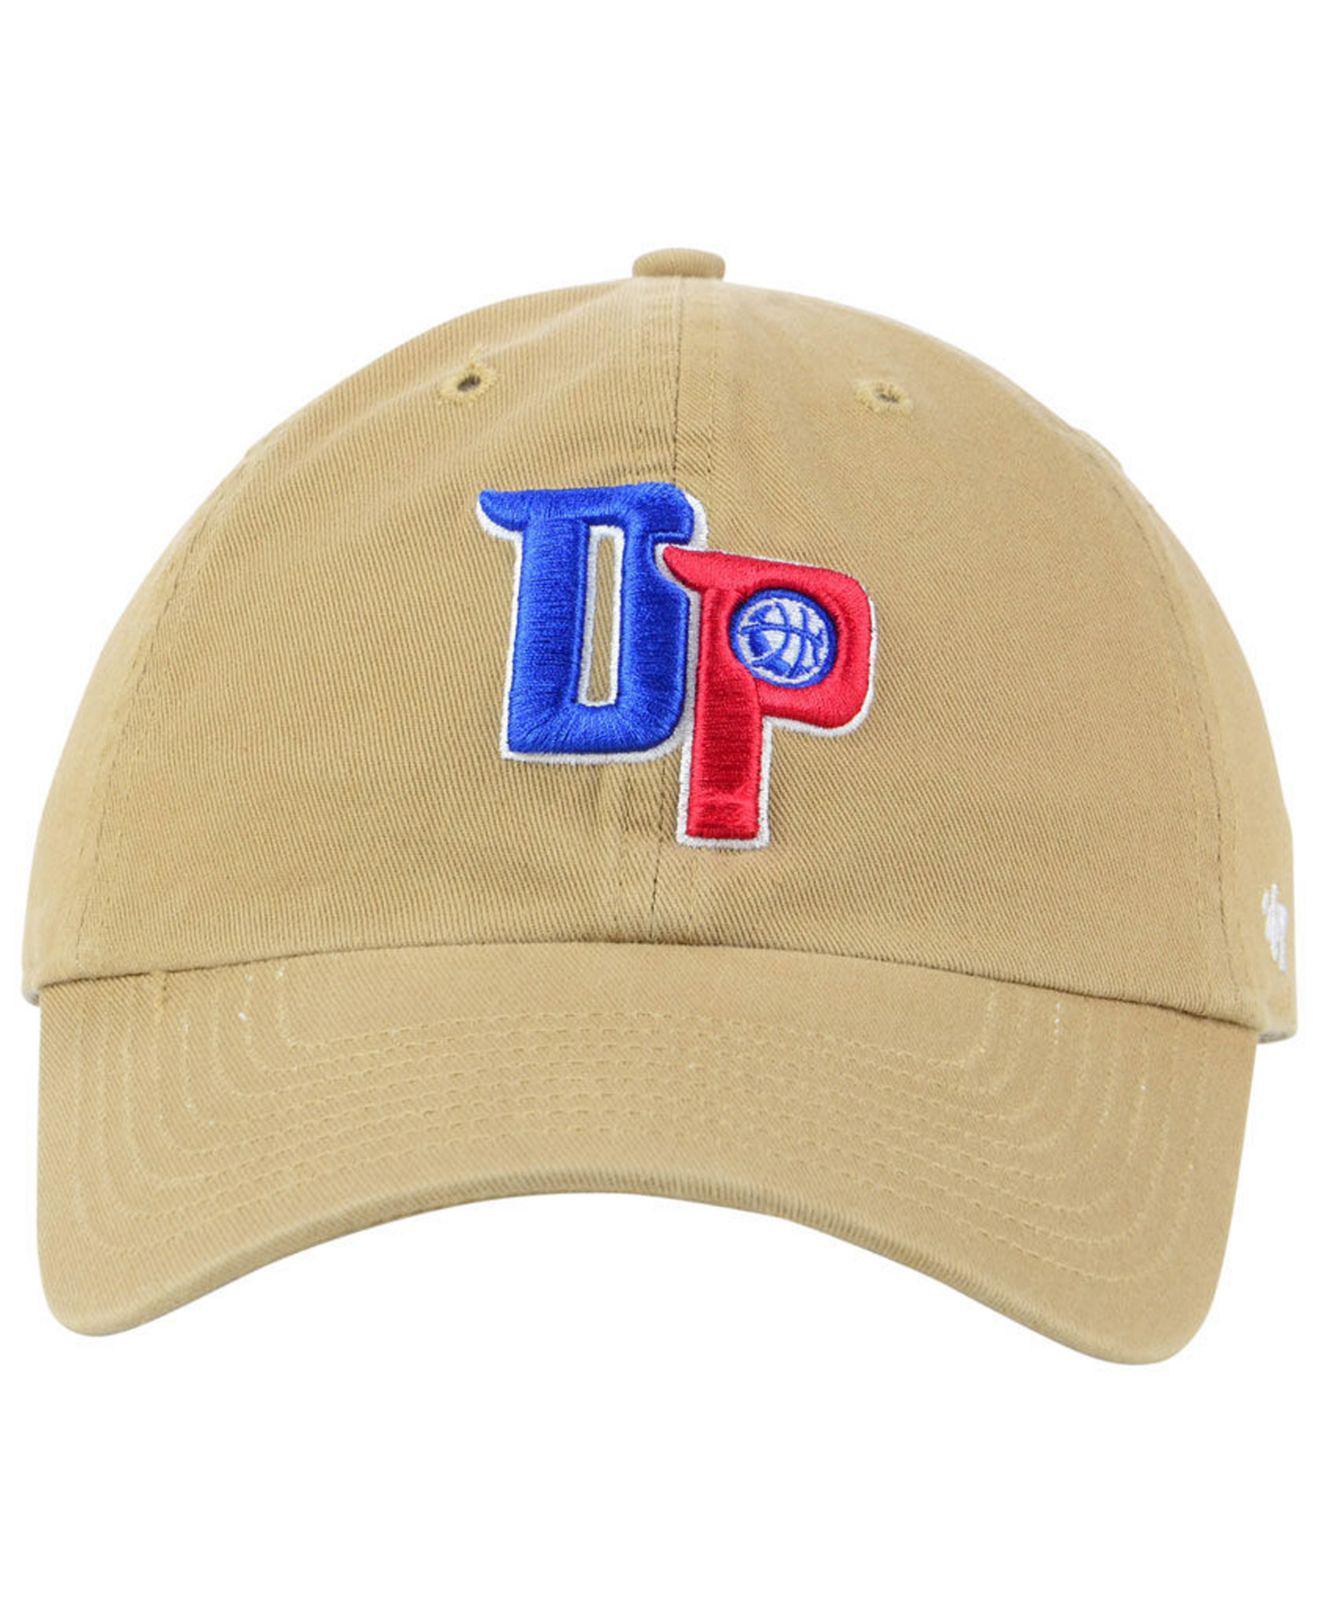 0de7bff9ca5 ... shop lyst 47 brand detroit pistons mash up clean up cap for men 11067  4df85